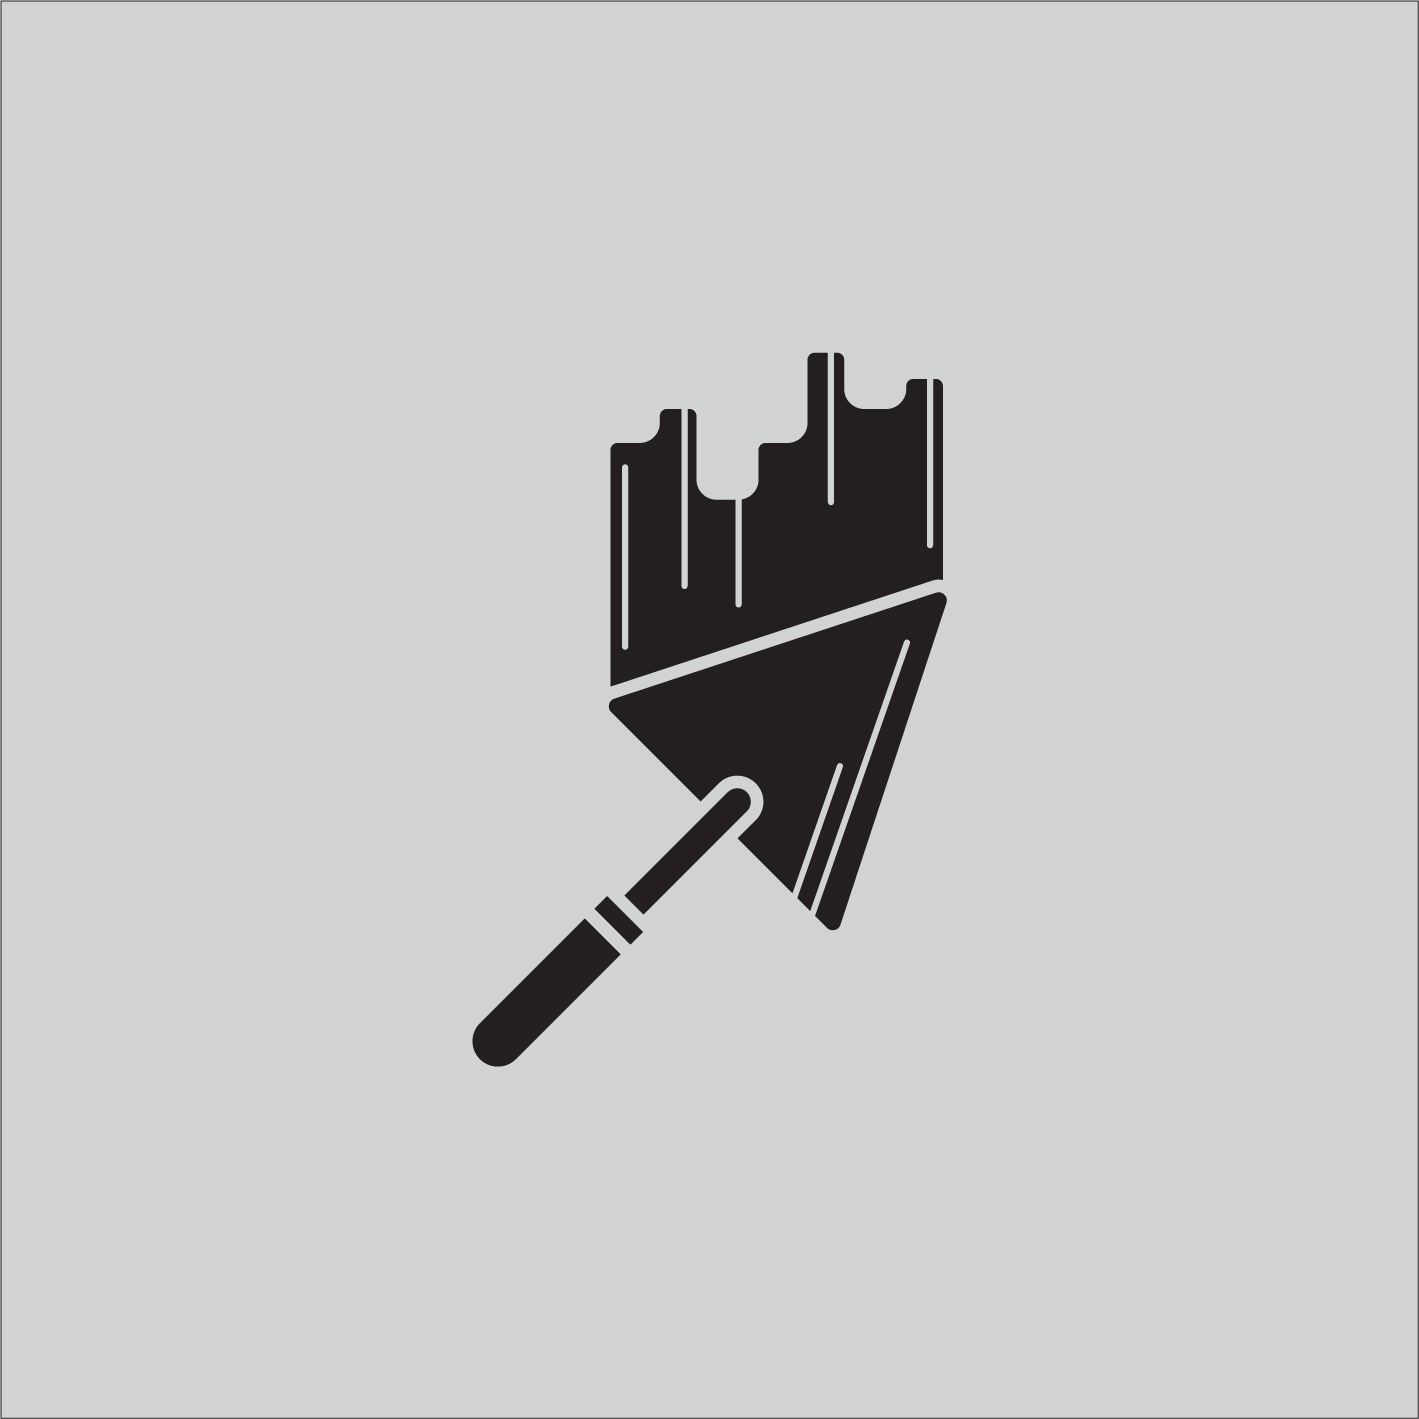 Valor para Fabricar Blocos de Concreto em Piracicaba - Bloco de Concreto em Vinhedo - Concreto São Paulo